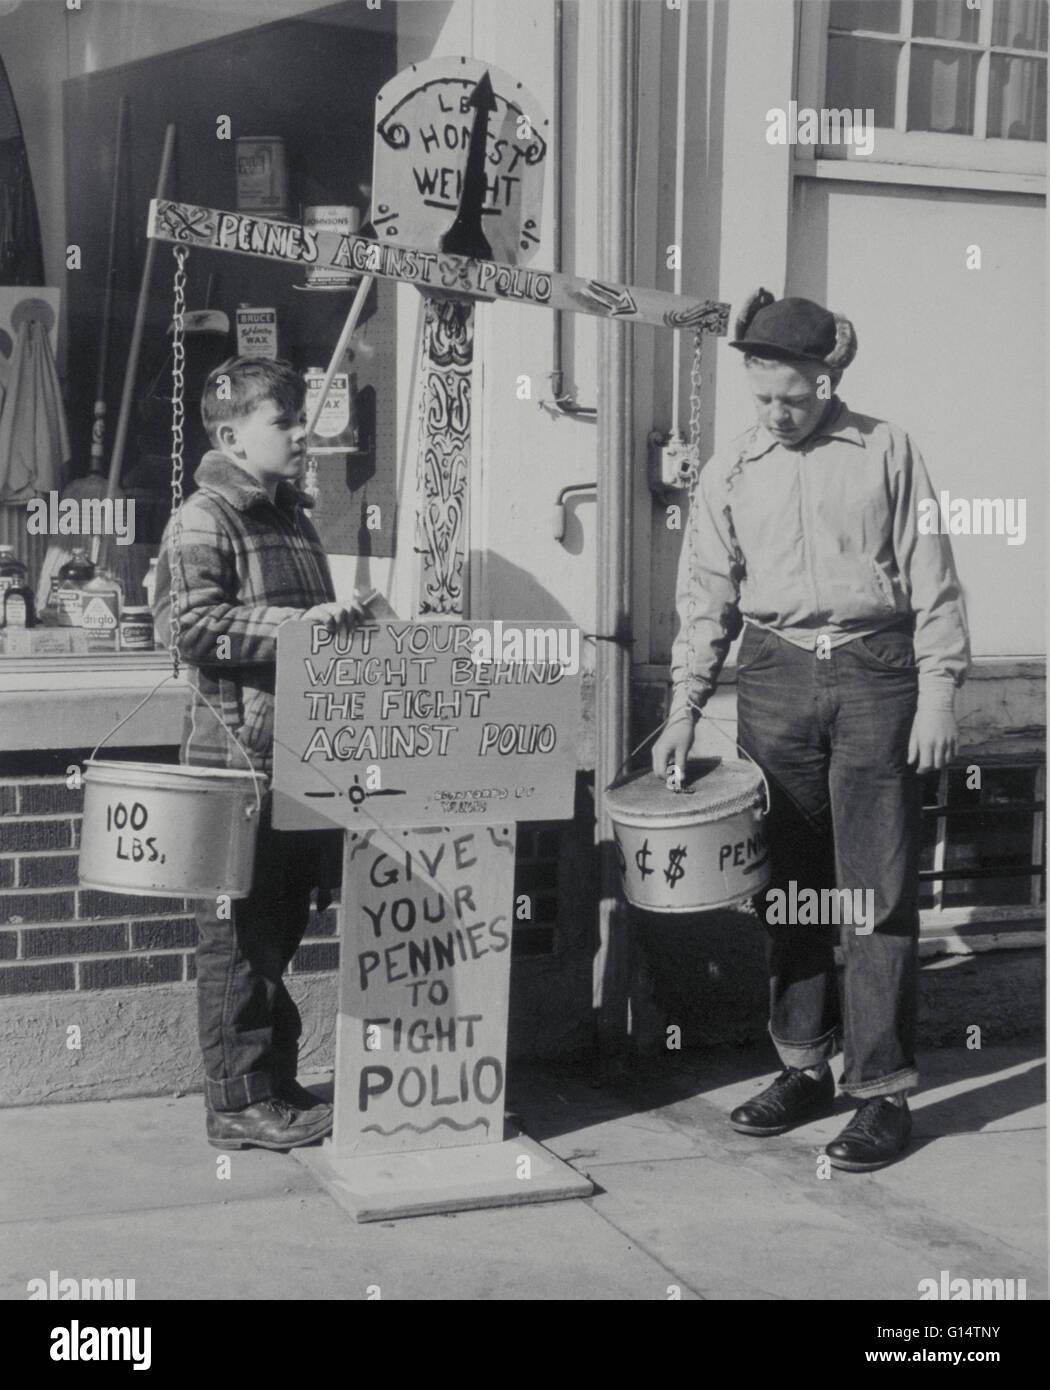 Jungen sammeln Geld für den Kampf gegen Polio. Vereinigte Staaten, etwa Anfang der 50er Jahre. Polio ist eine Stockbild